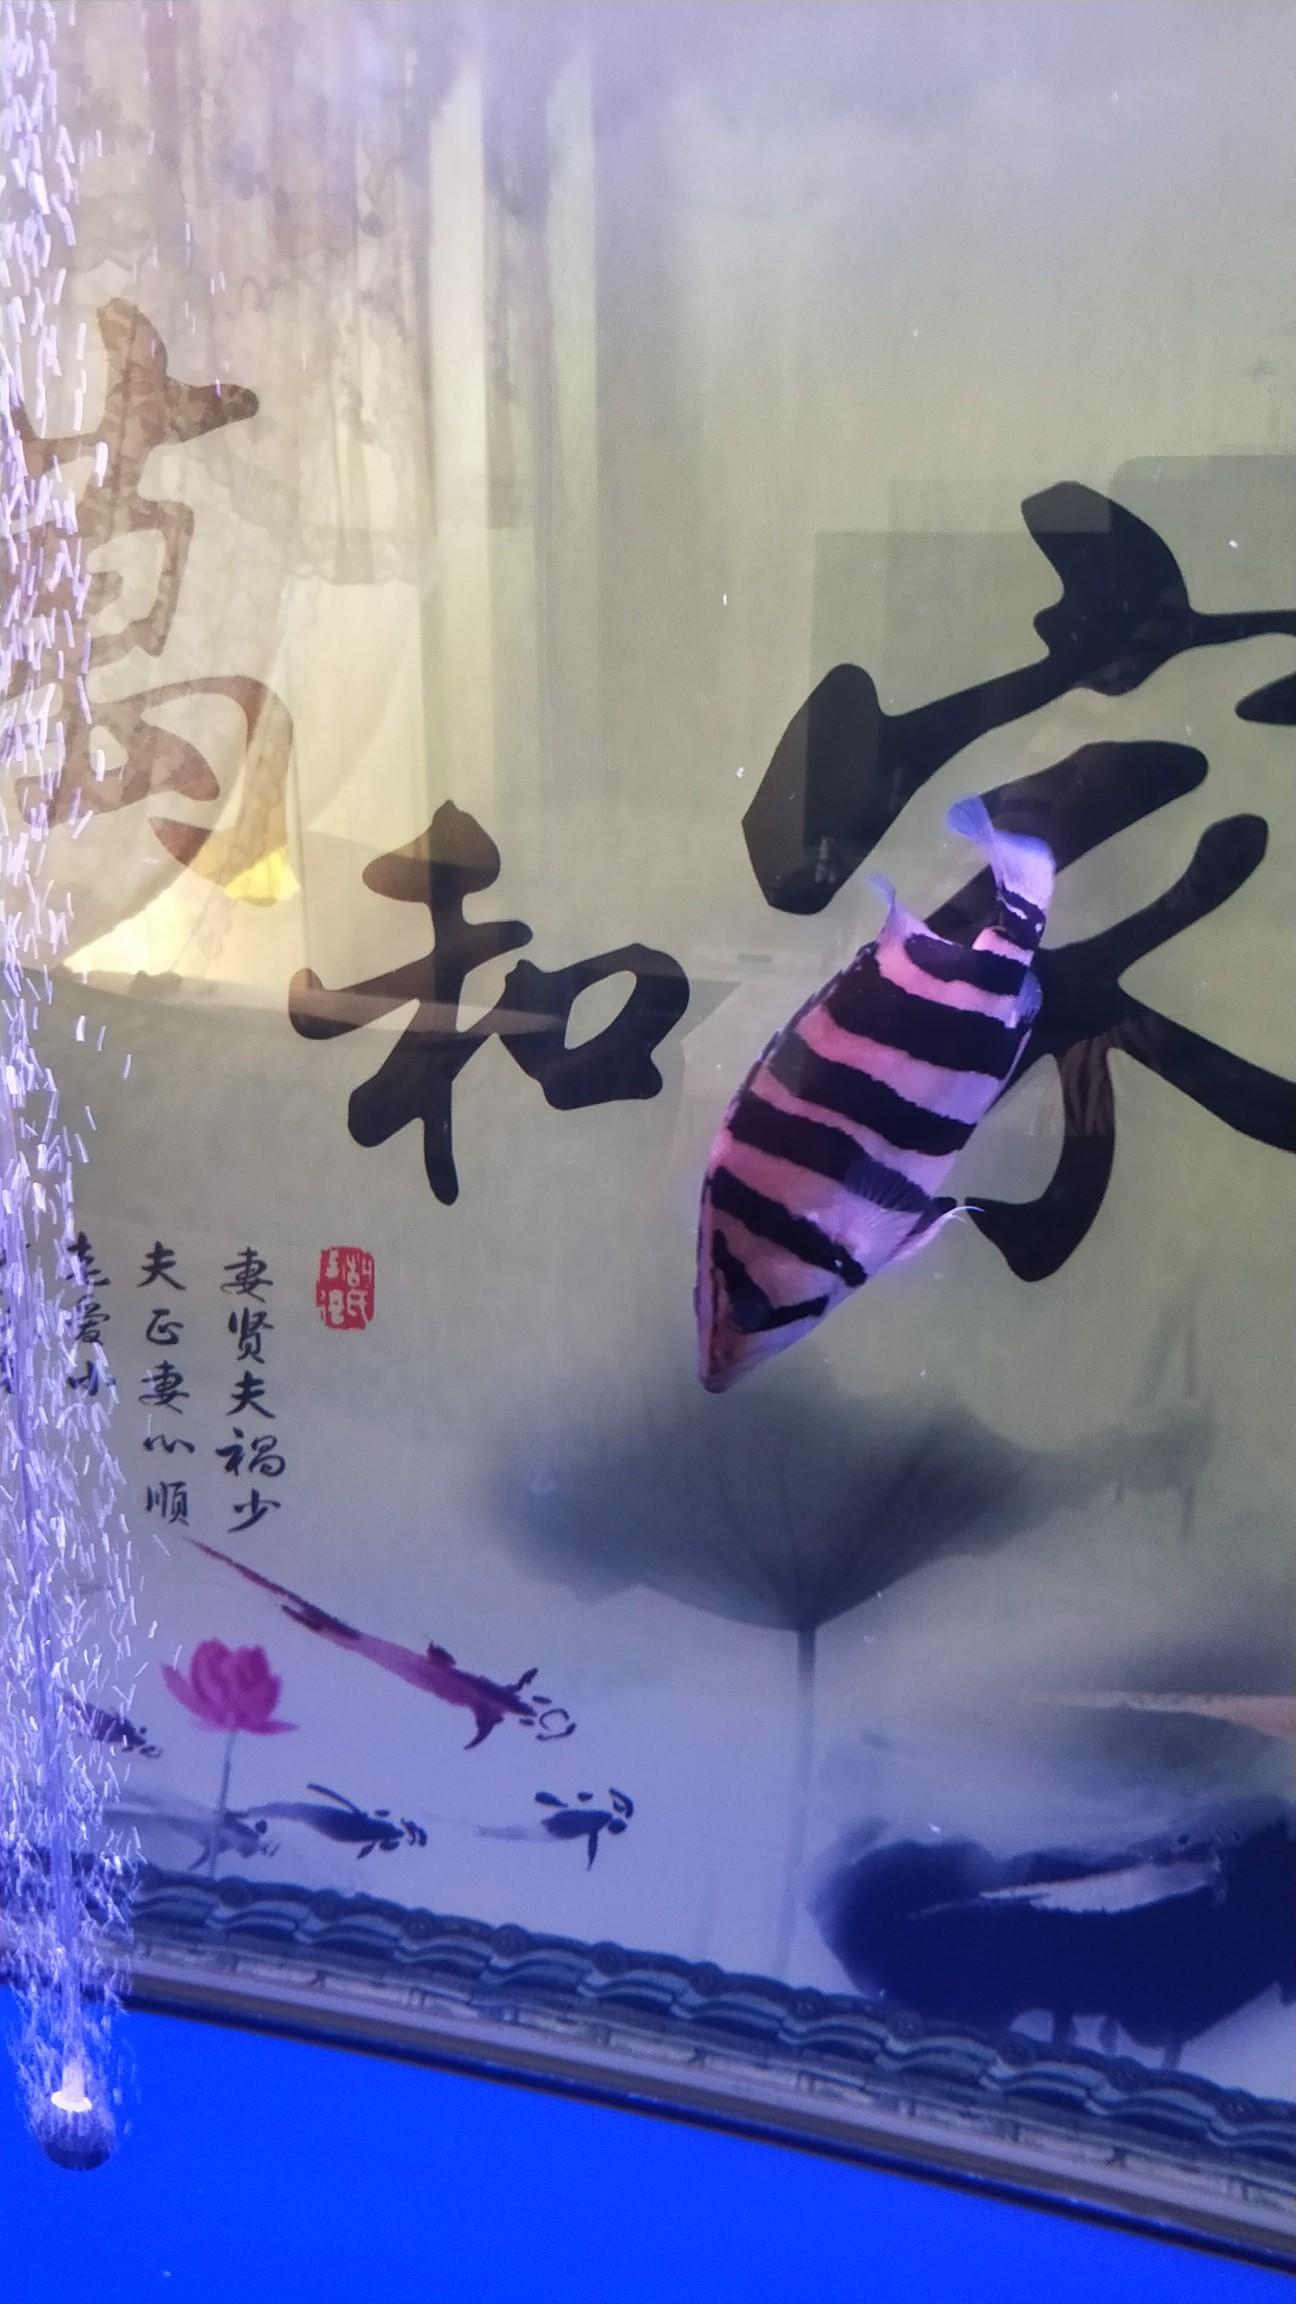 【西安最贵最好龙鱼】虎[emoji:8J+QoA==] 西安龙鱼论坛 西安博特第2张